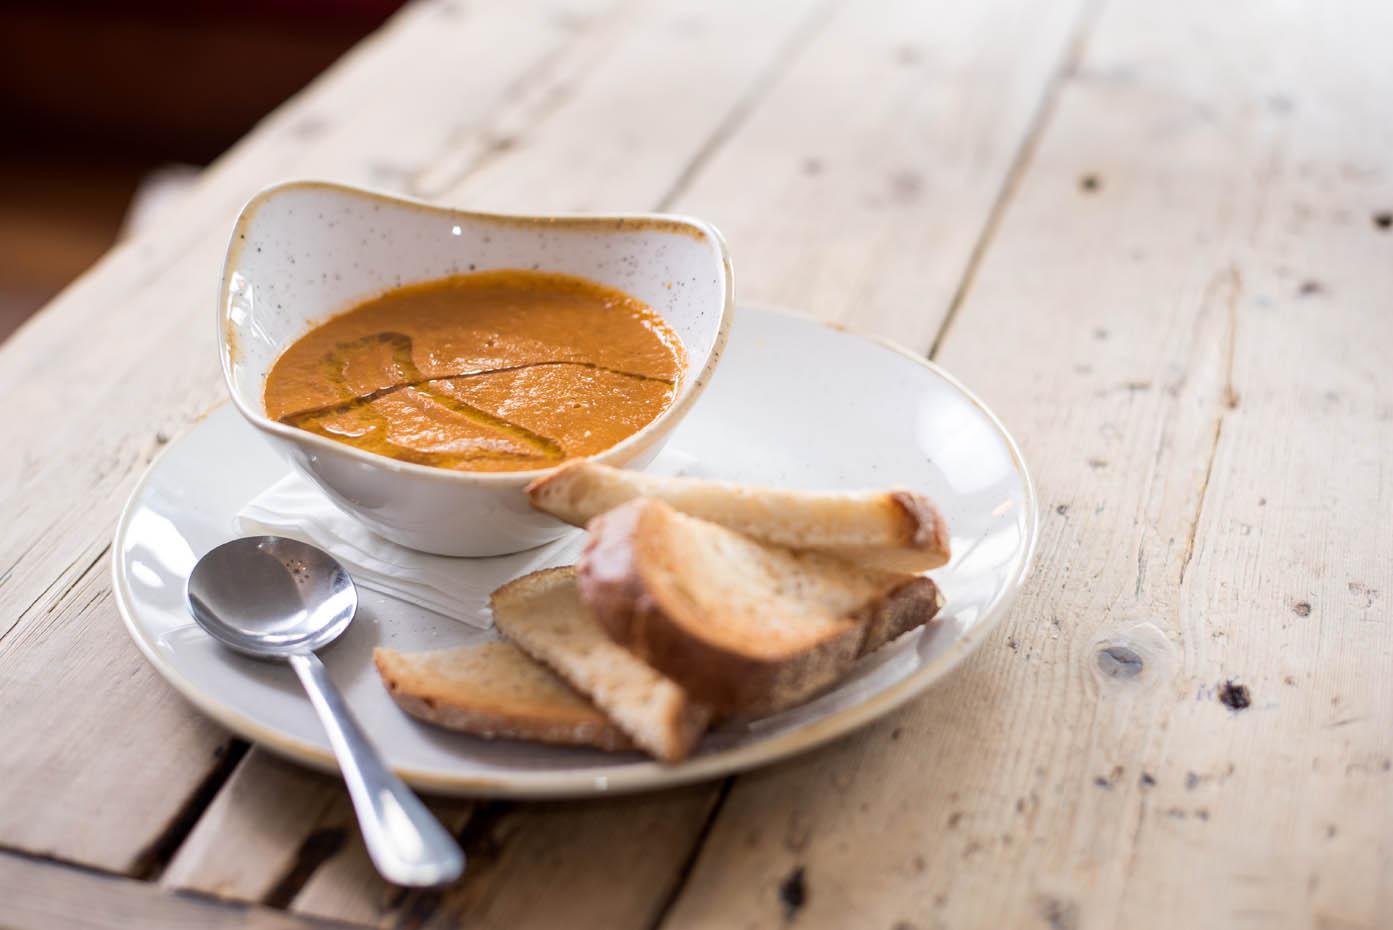 Livelyhood-Soup-Clapham-Mere Scribbler